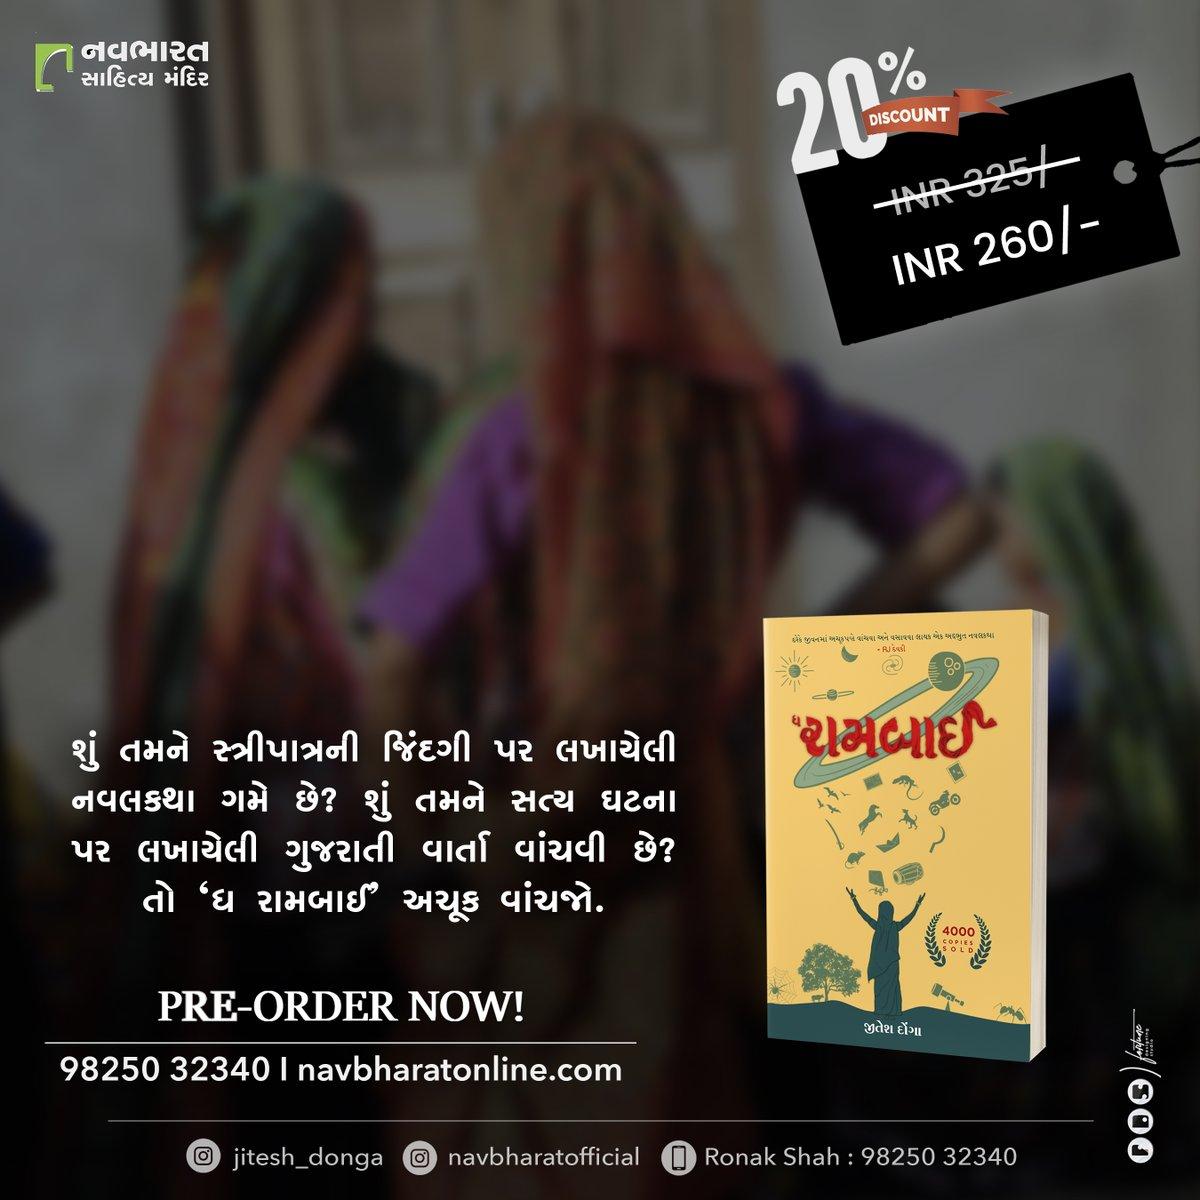 બુકિંગ માટે આ લિંક પર ક્લિક કરો અને જલ્દીથી તમારી કોપી બુક કરાવો. પ્રિ-બુકિંગ કરાવો અને મેળવો 20% ડિસ્કાઉન્ટ https://t.co/4kW4dP16Vc  #NavbharatSahityaMandir #ShopOnline #Books #Reading #LoveForReading #BooksLove #BookLovers #Bookaddict #Bookgeek #Bookish #Bookaholic #Booklife https://t.co/YnF75M0O26